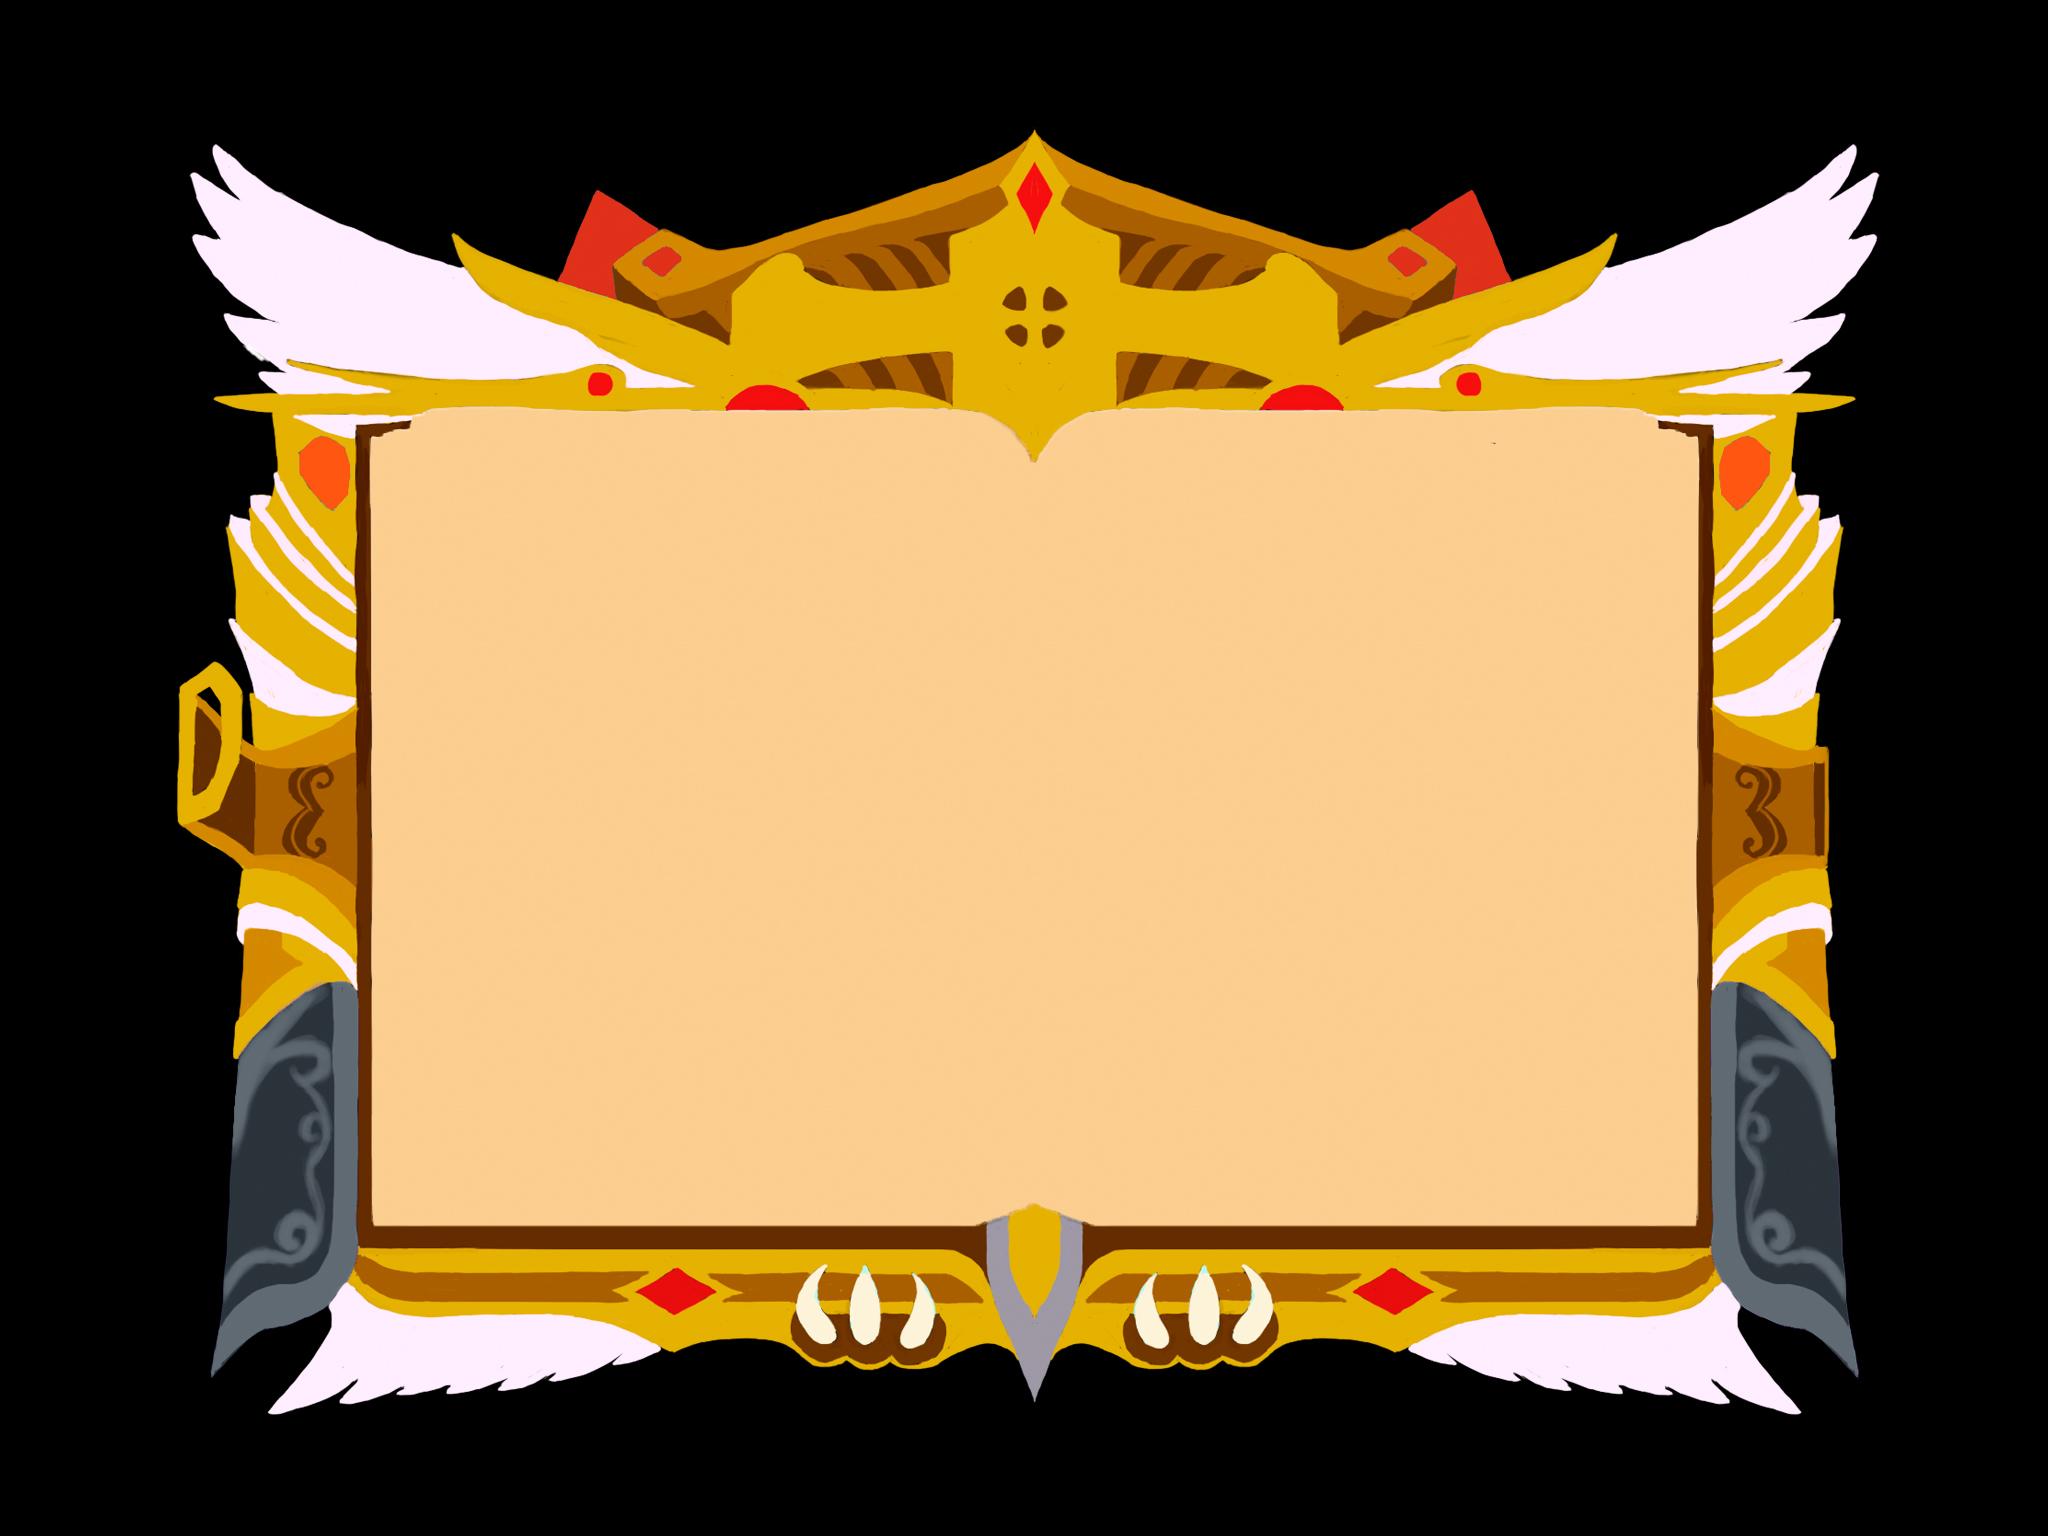 ppt 背景 背景图片 边框 模板 设计 相框 2048_1536图片